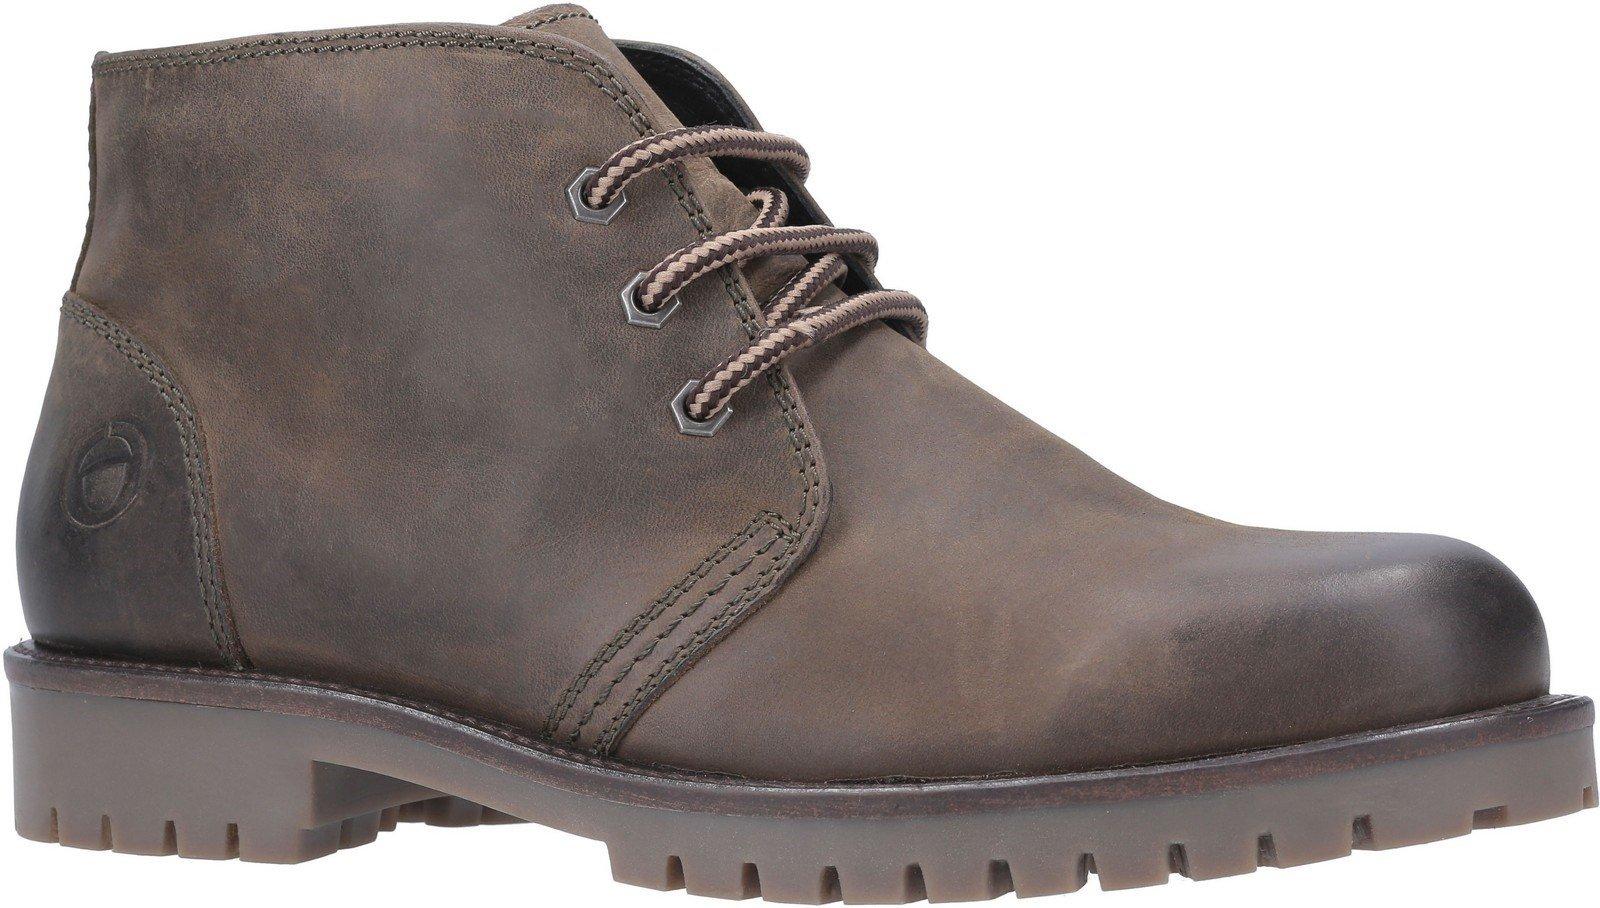 Cotswold Men's Stroud Lace Up Shoe Boot Various Colours 29264 - Khaki 6